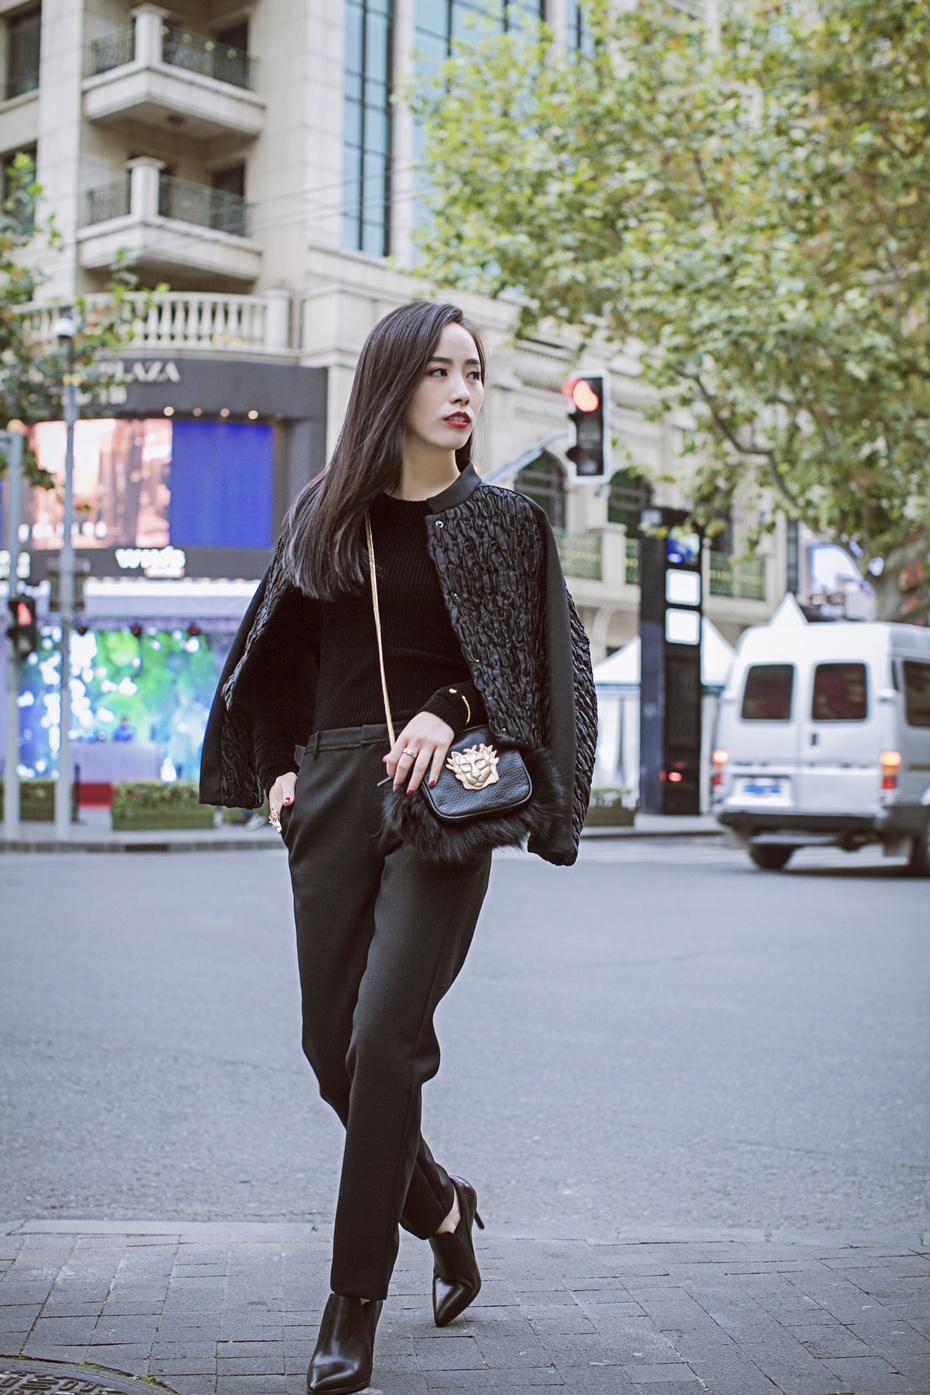 【妮儿の私服日记】西装裤穿出新花样 - Nikki妮儿 - Nikkis Fashion Blog